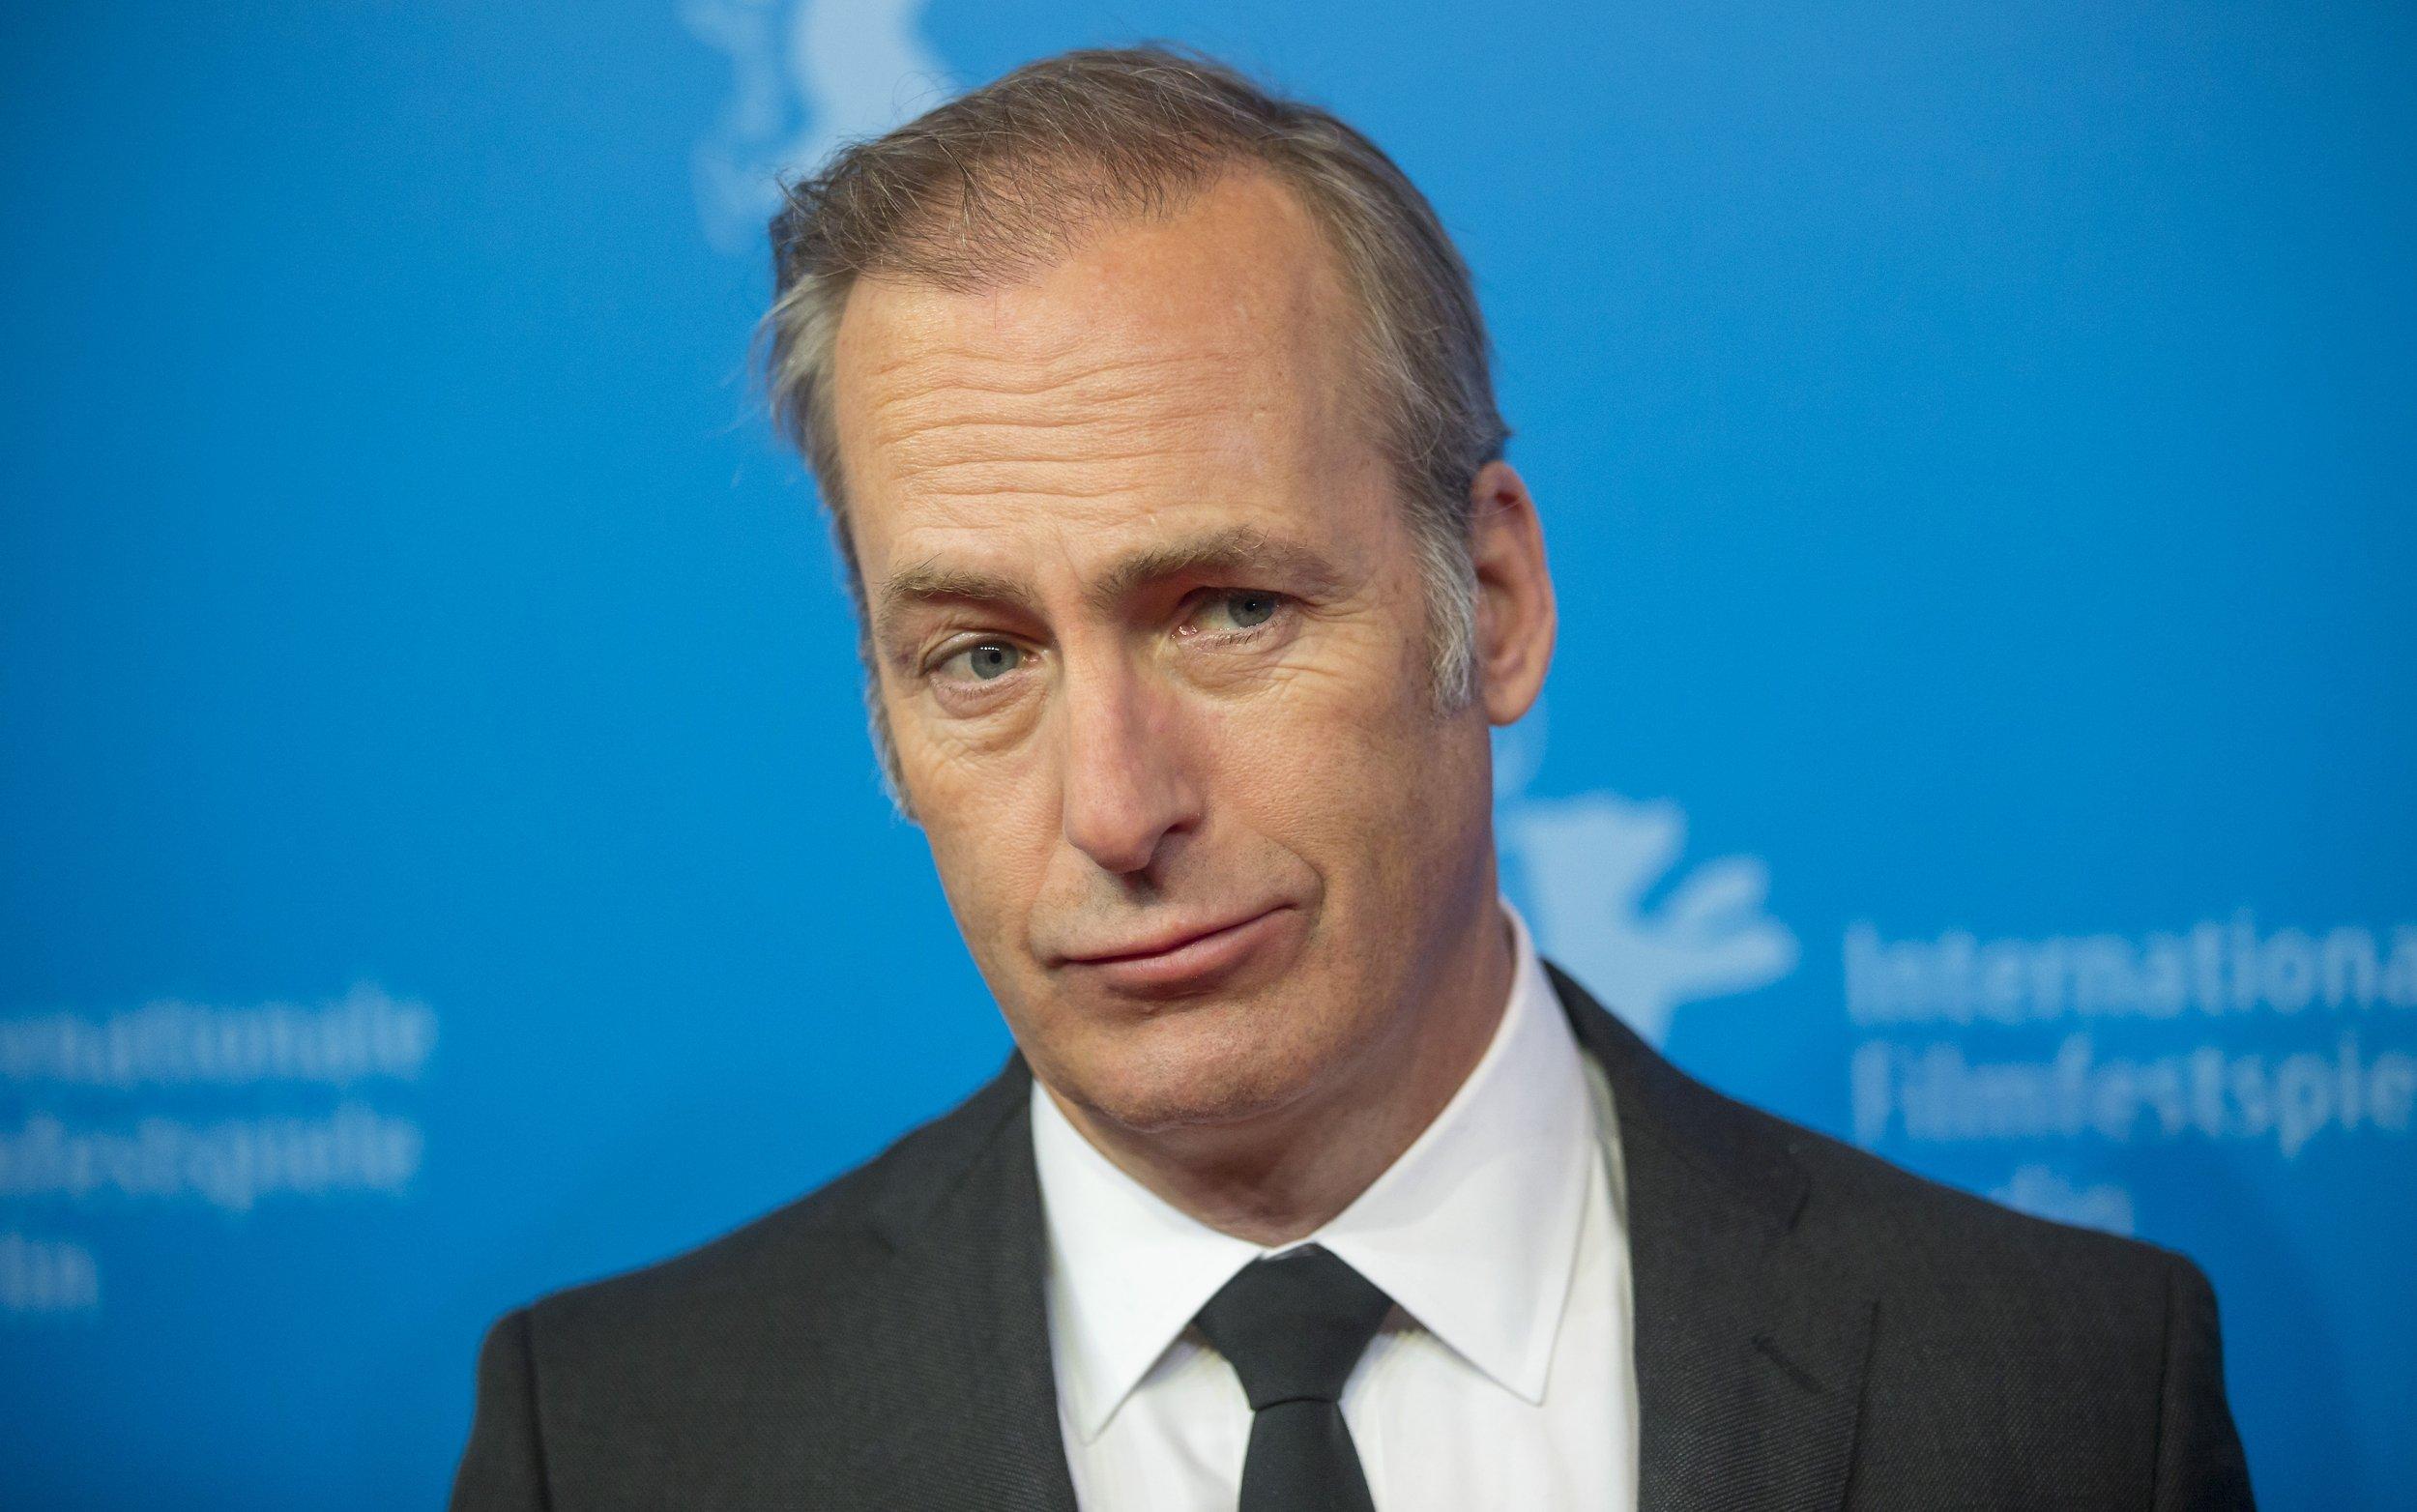 Bob Odenkirk Is Jimmy McGill But How Much Longer Until He Becomes Saul Goodman Hannibal Hanschke